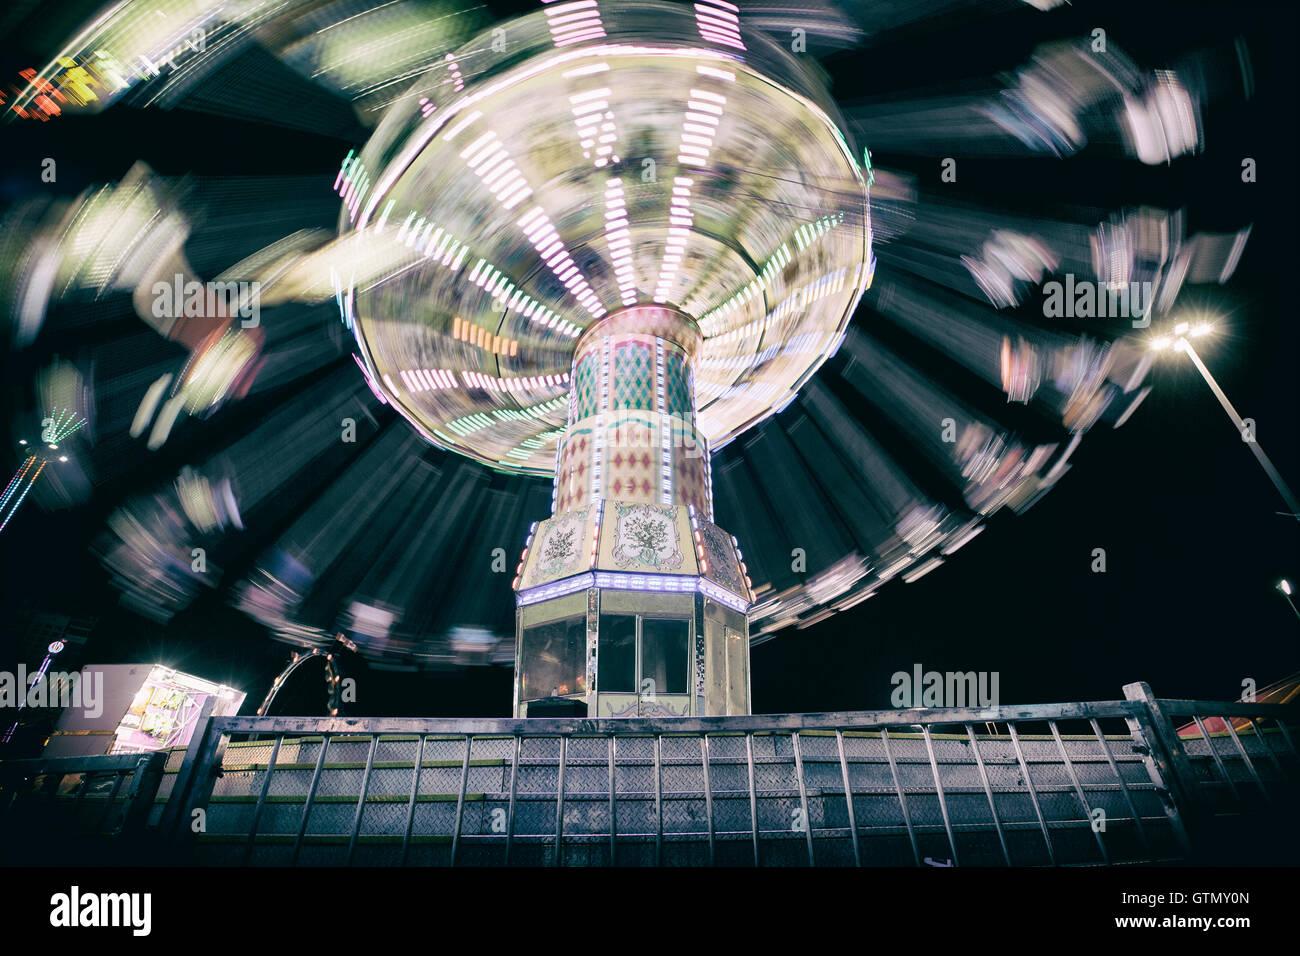 Swing ride en carnaval feria con efecto motion blur Imagen De Stock